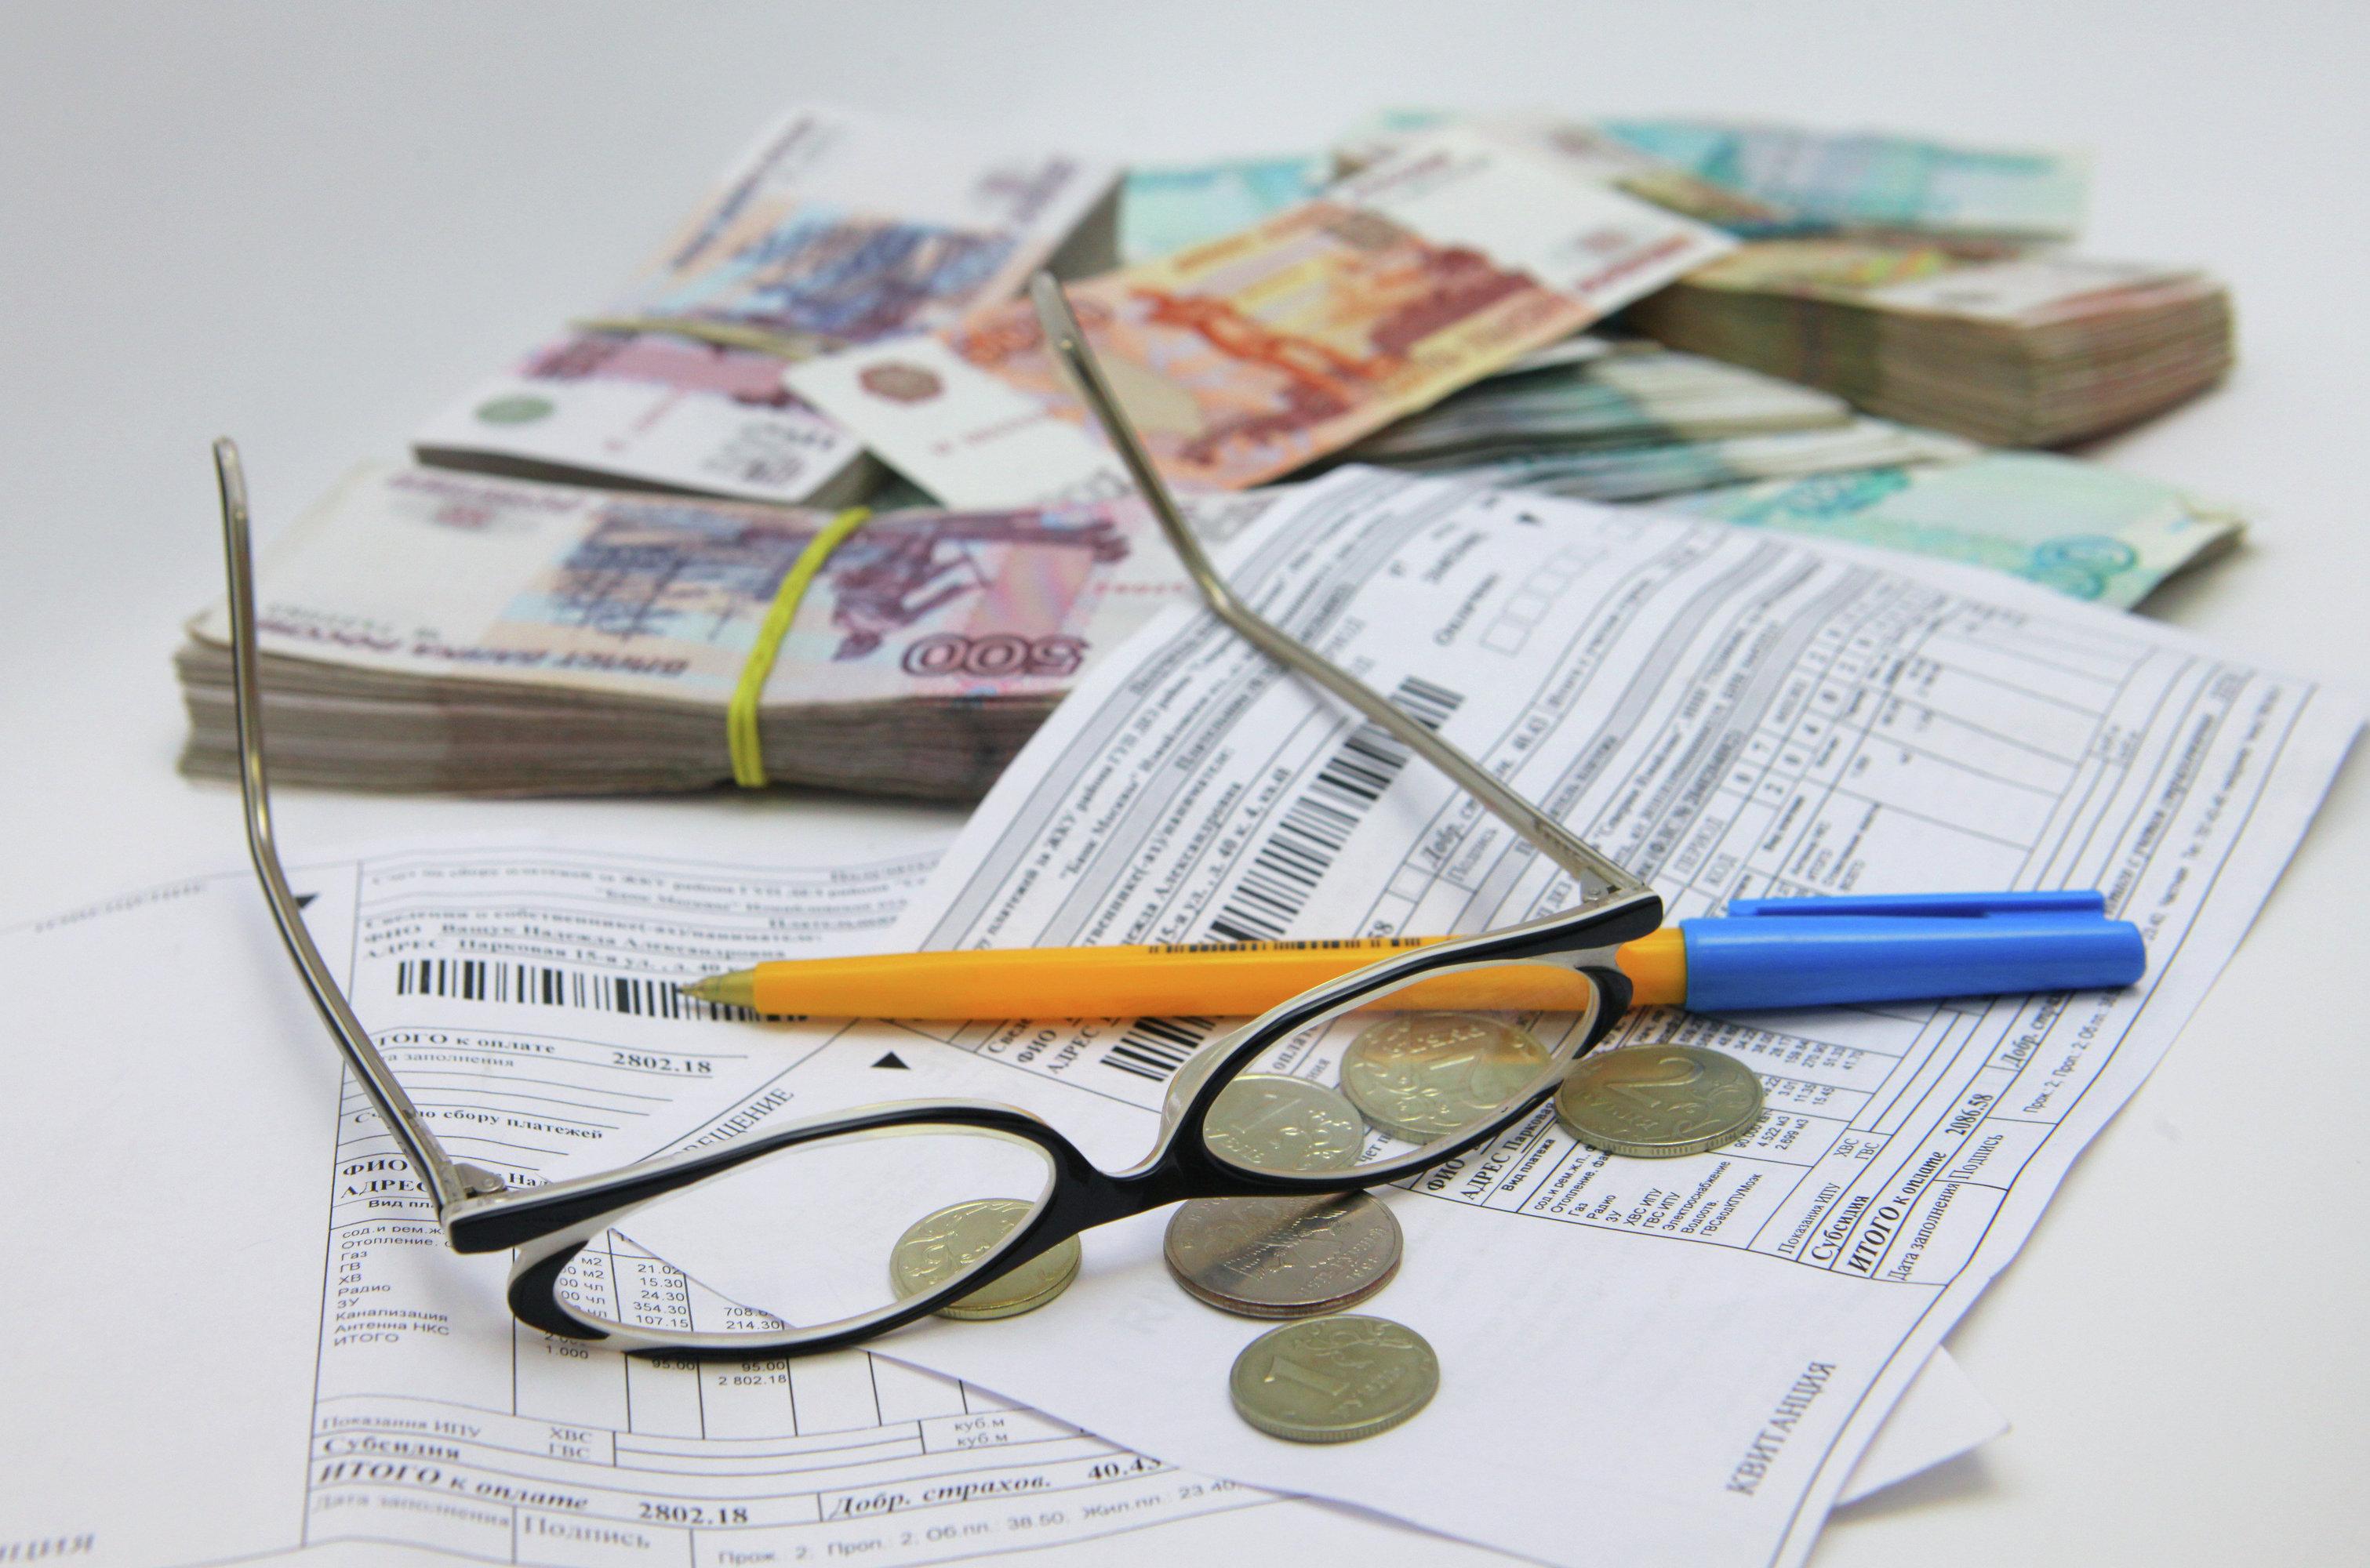 Как выглядит образец платежного поручения по коммунальным платежам